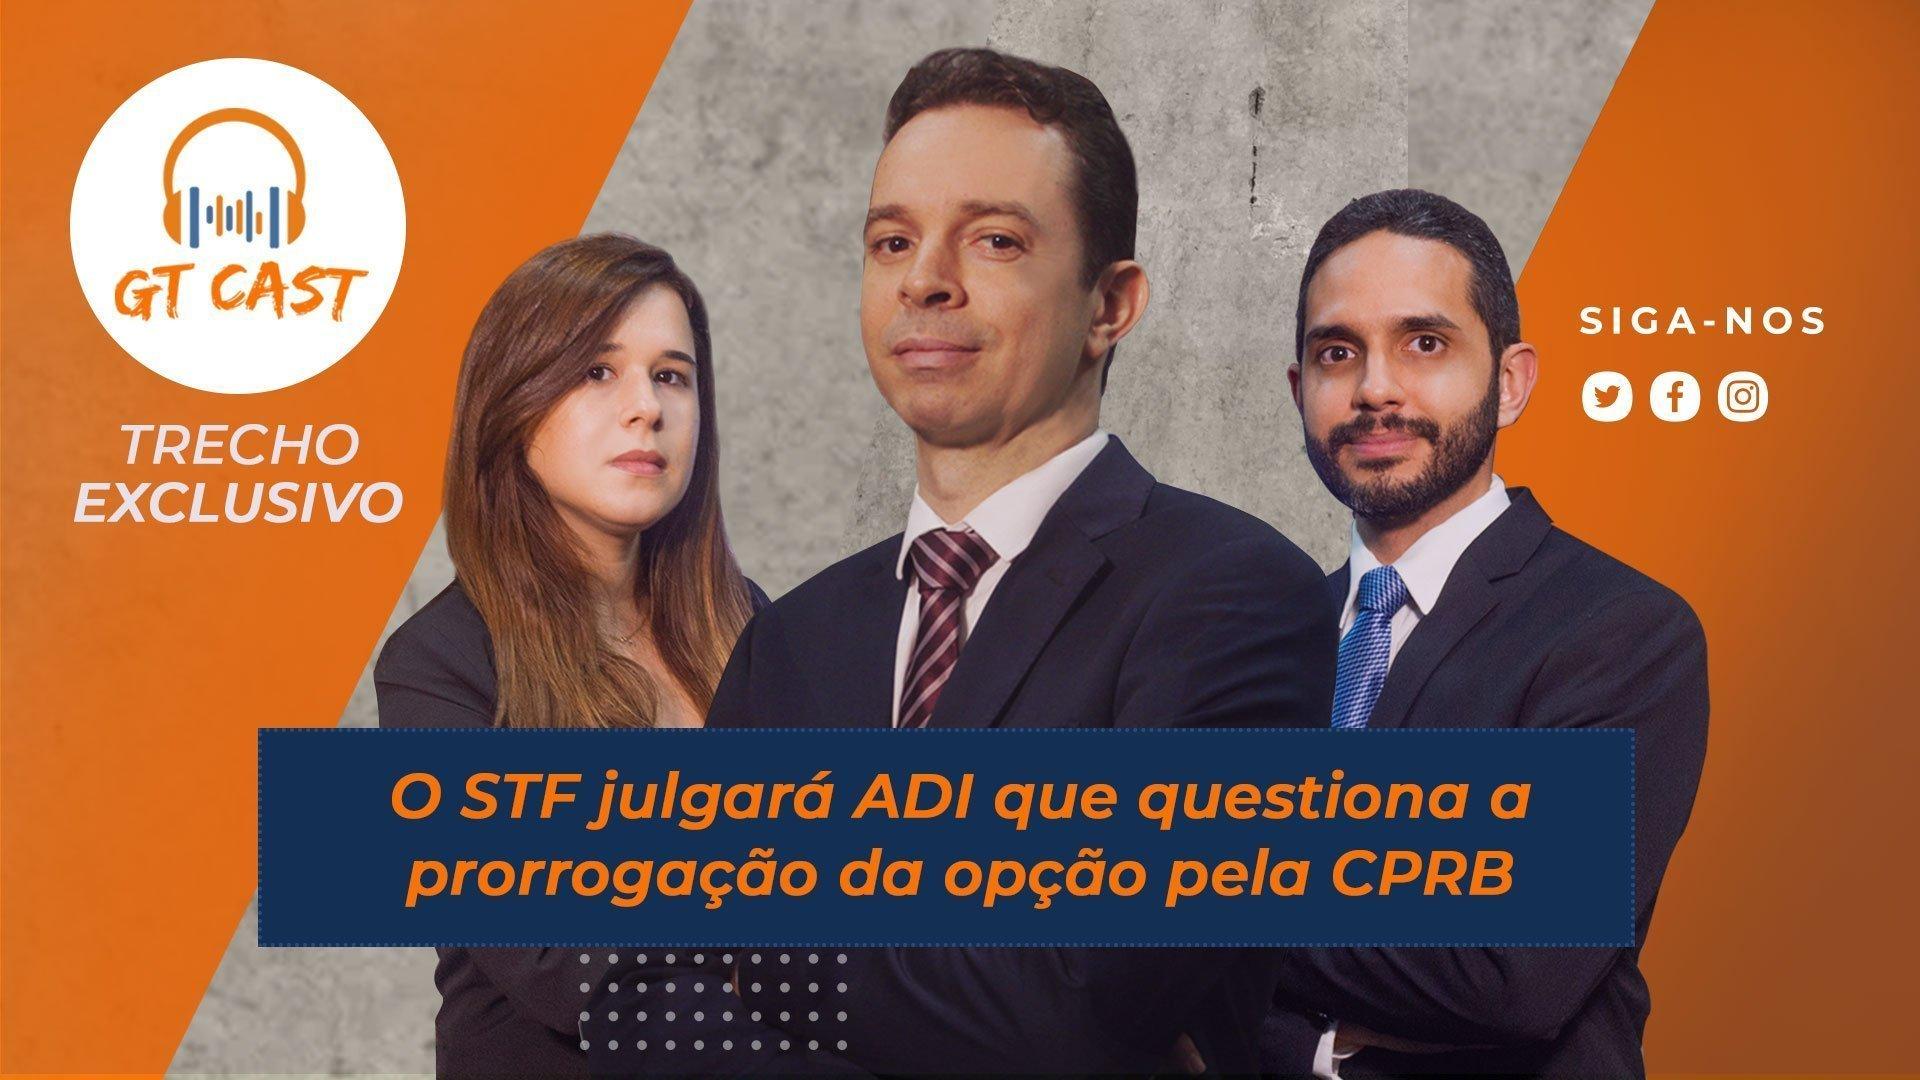 O-STF-julgará-ADI-que-questiona-a-prorrogação-da-opção-pela-CPRB